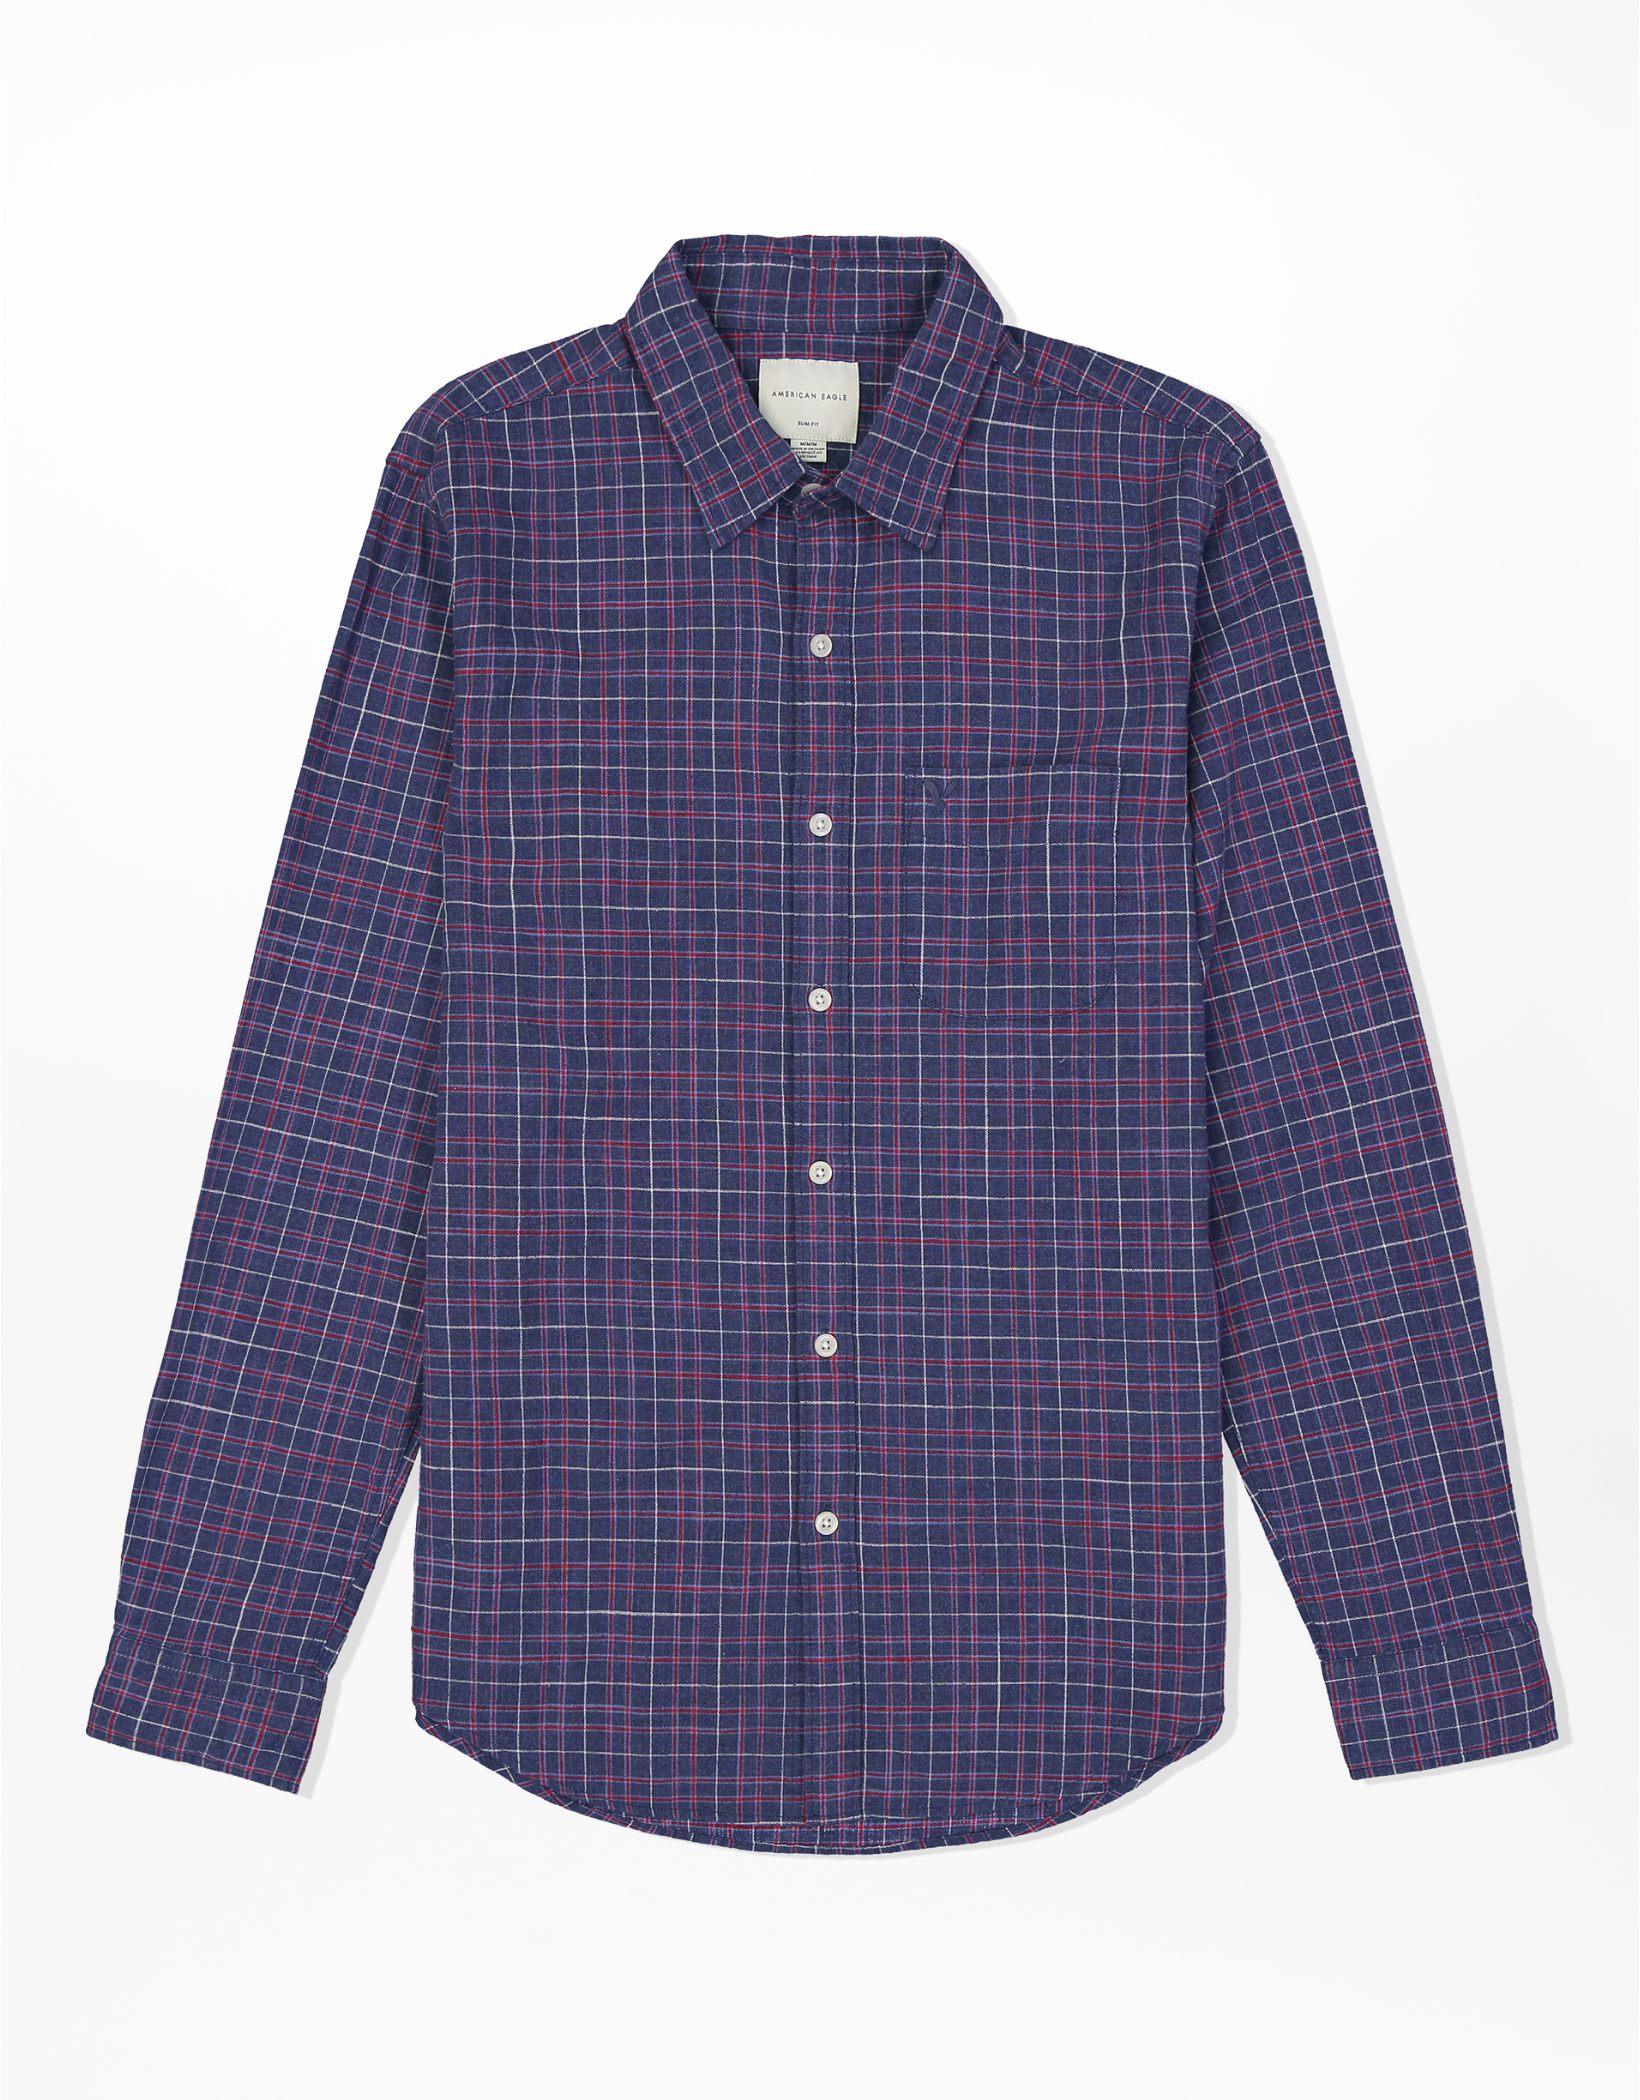 AE Plaid Slim Fit Button-Up Shirt